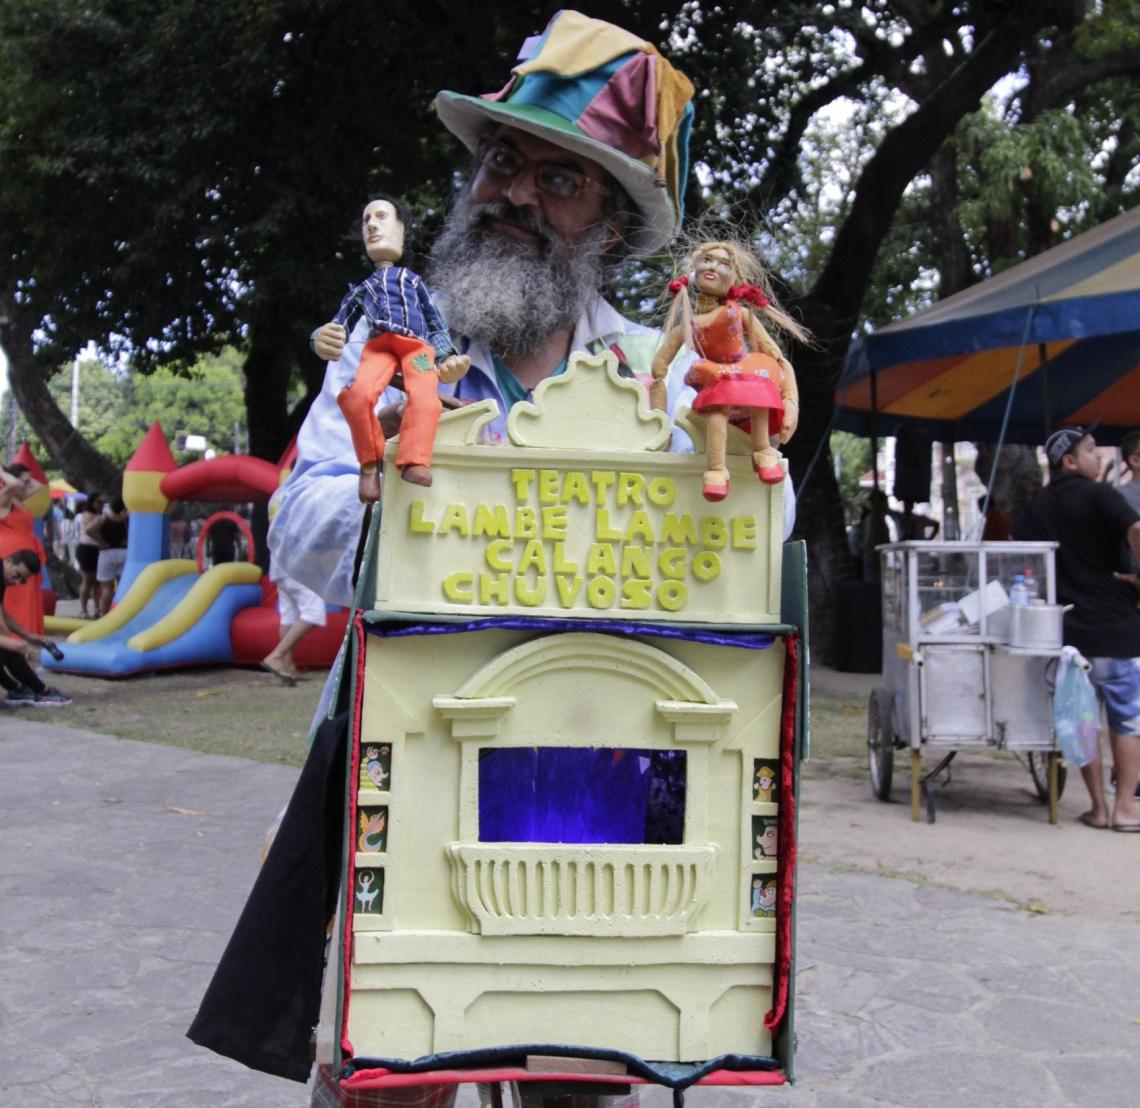 Apesar de empregar mais pessoas em segmentos relacionados ao setor cultural, o Ceará oferece a segunda pior remuneração pelas atividades, comparado ao cenário nacional